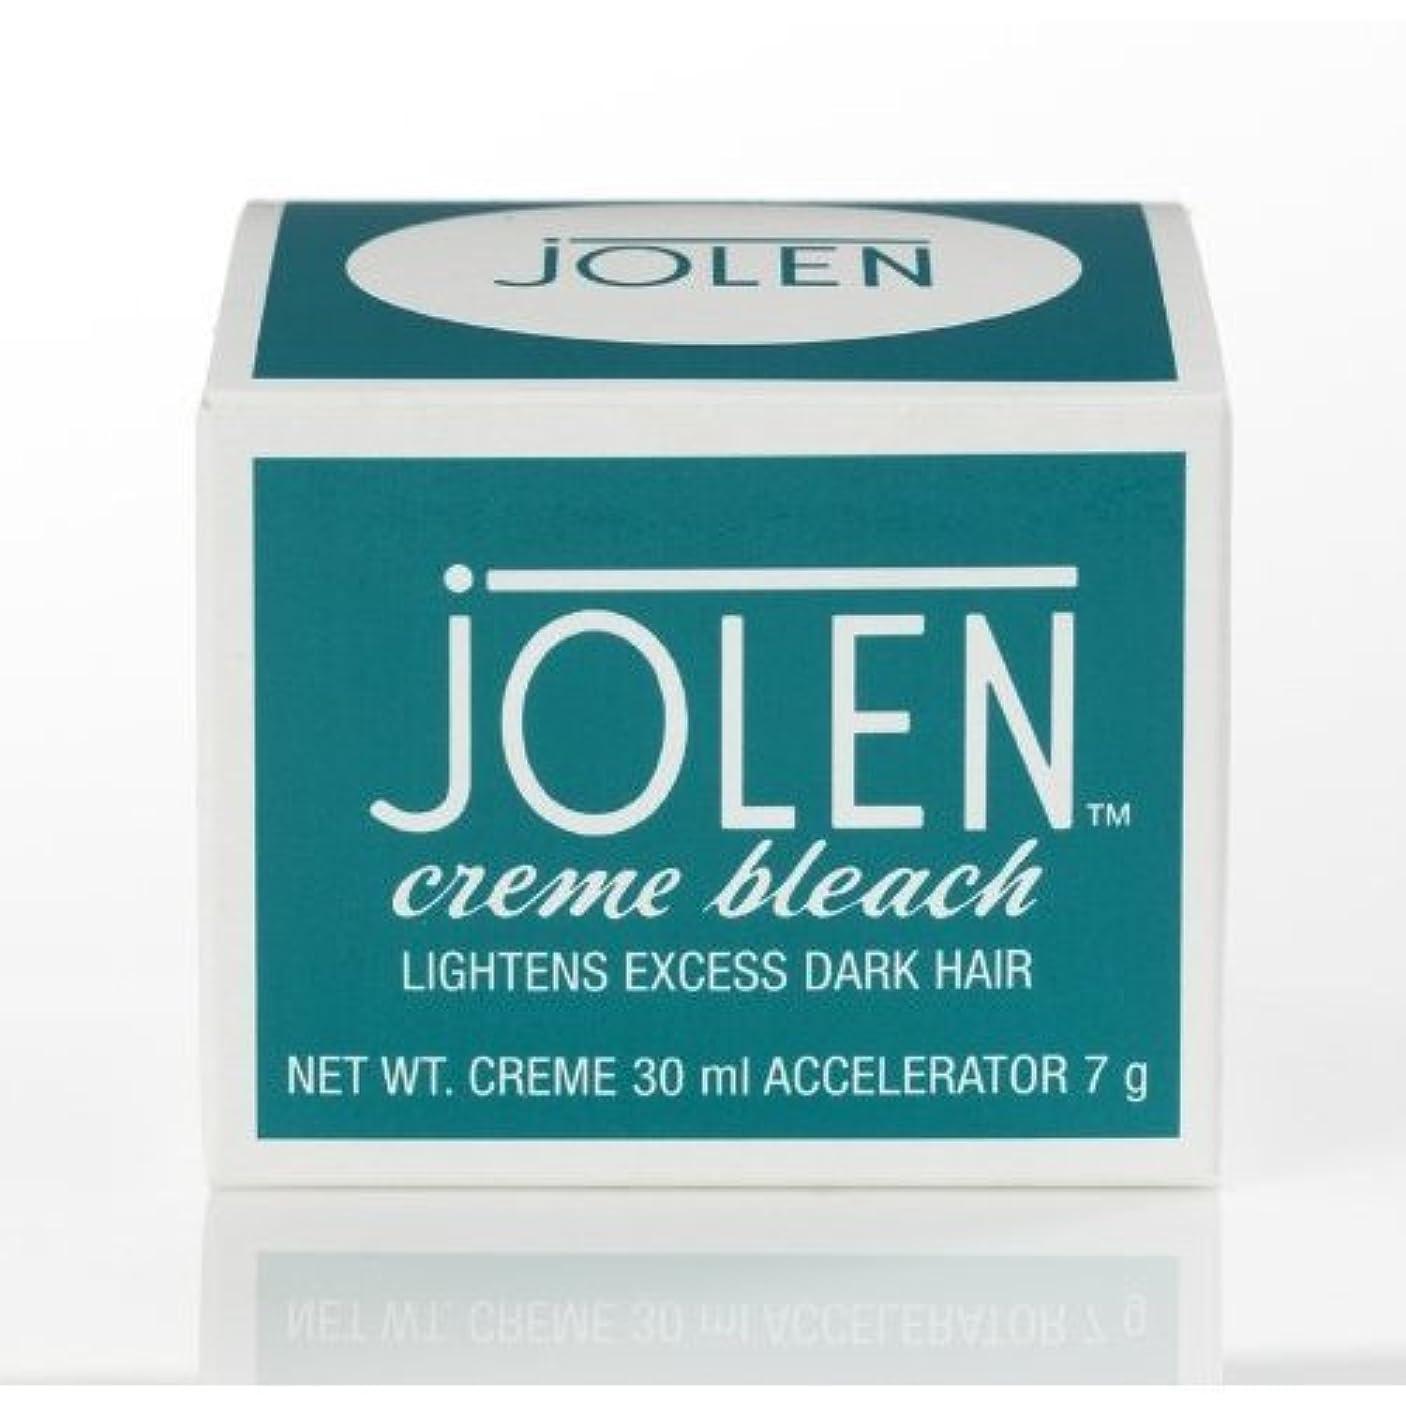 開始相対サイズのり【JOLEN】ジョレン cream bleach むだ毛脱色クリーム レギュラー 28g(並行輸入品)